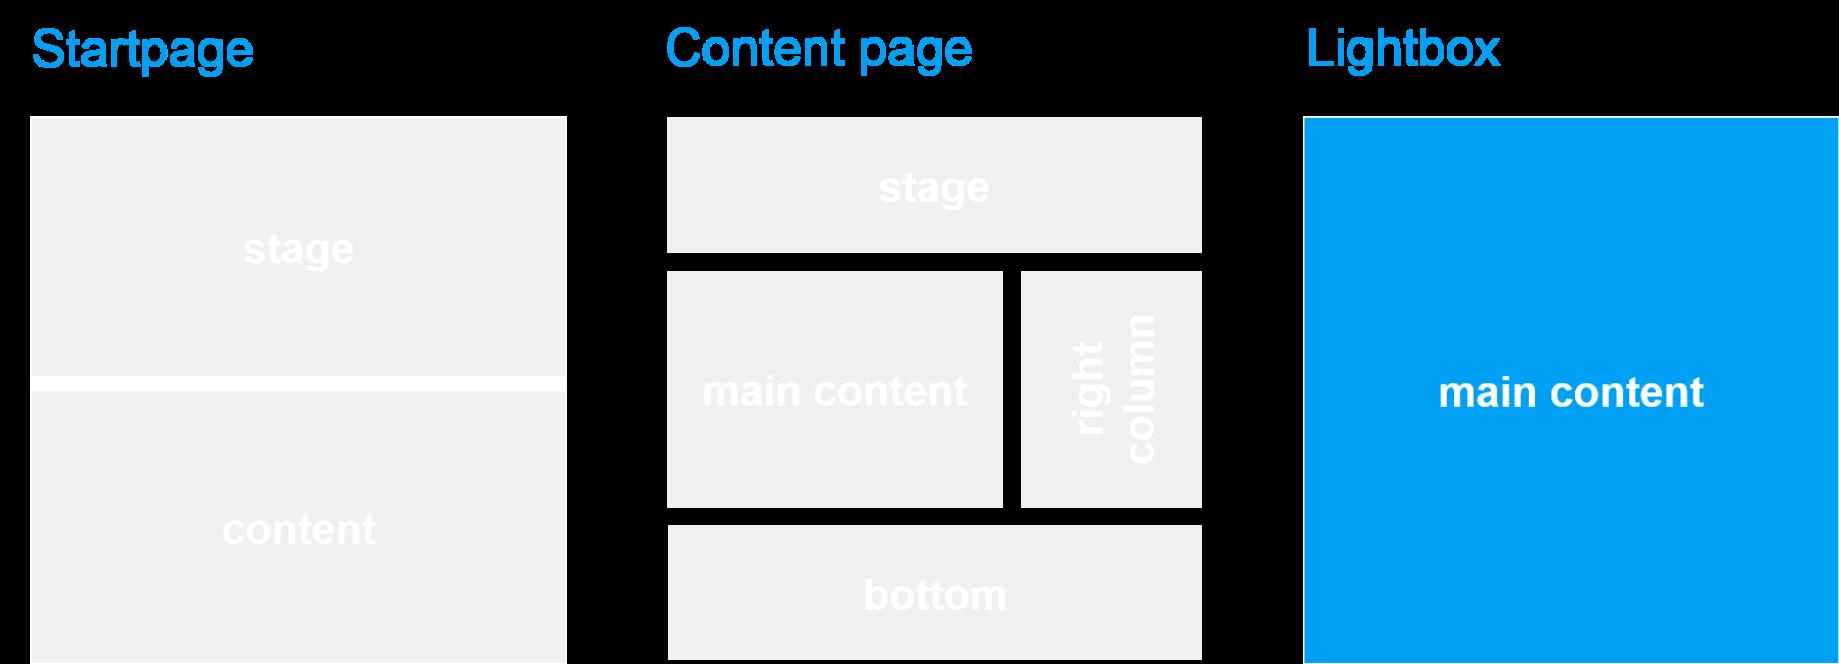 Template und Seitenbereich: Image Panorama